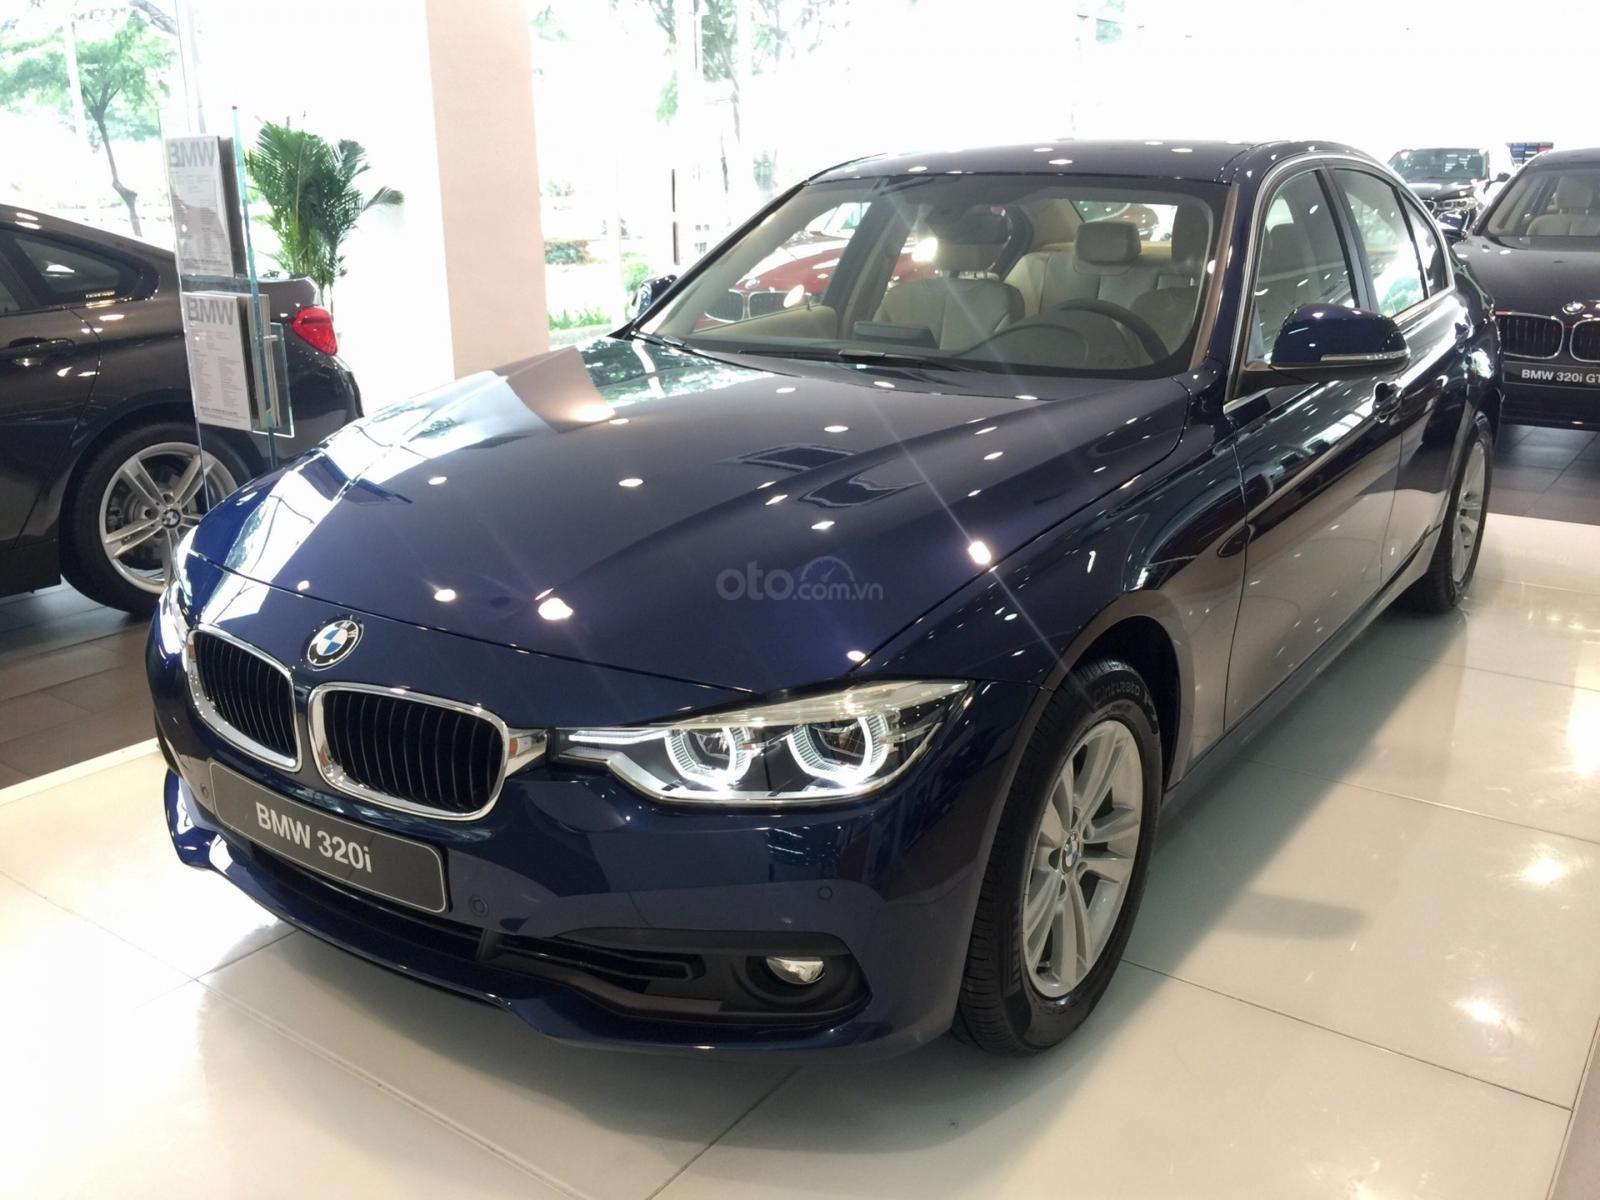 Thông số kỹ thuật xe BMW 320i 2020 a2